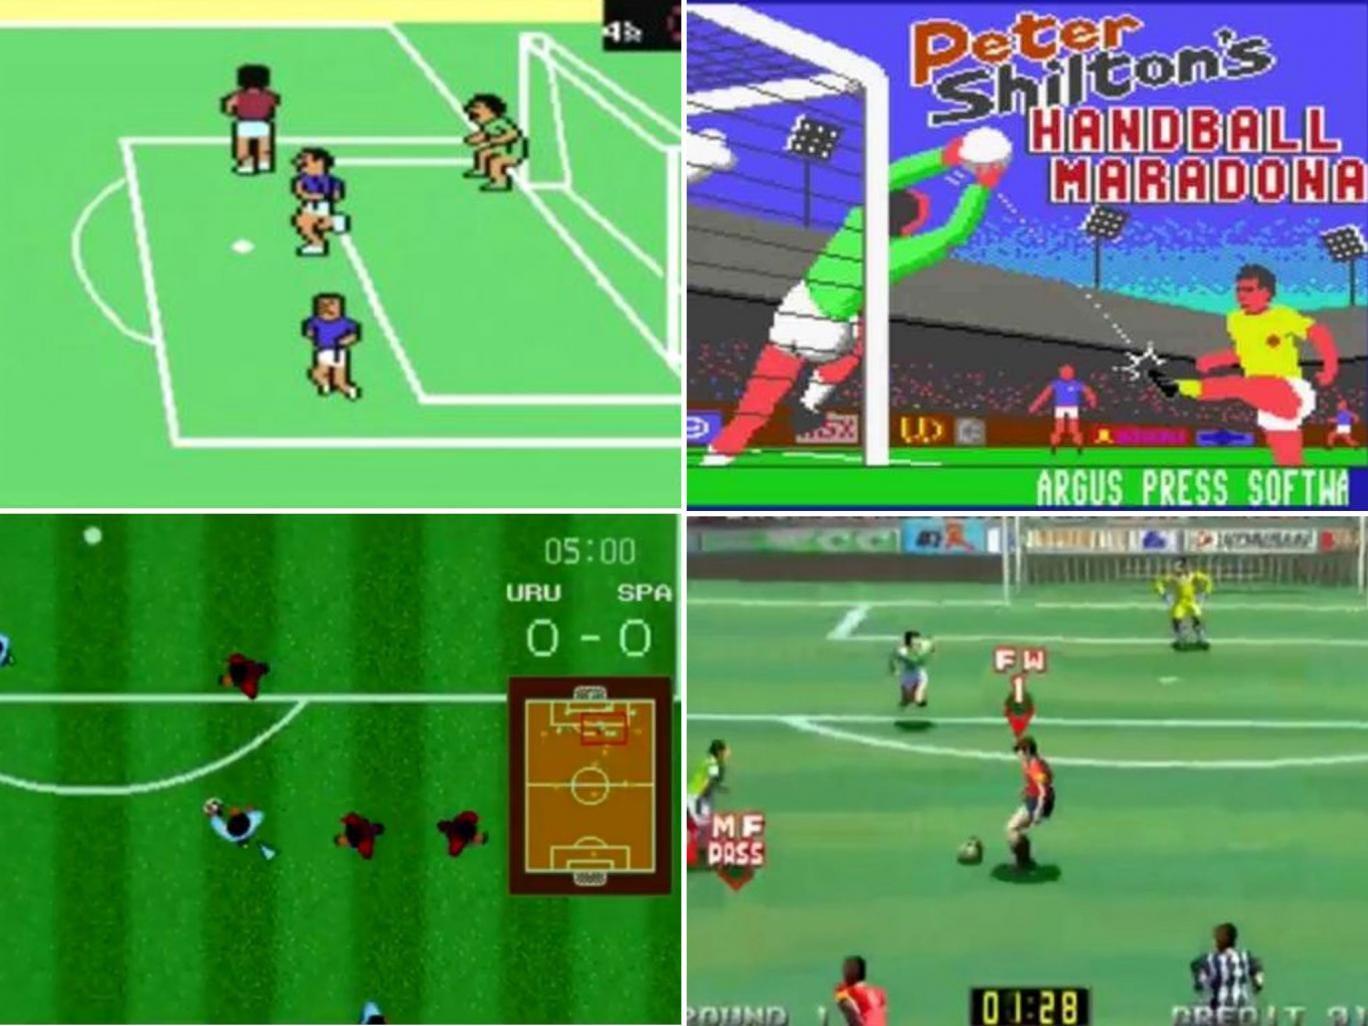 Clockwise from top left: International Soccer, 1983; Handball Maradona, 1986; VersusNet Soccer, 1996; Sega Soccer, 1990